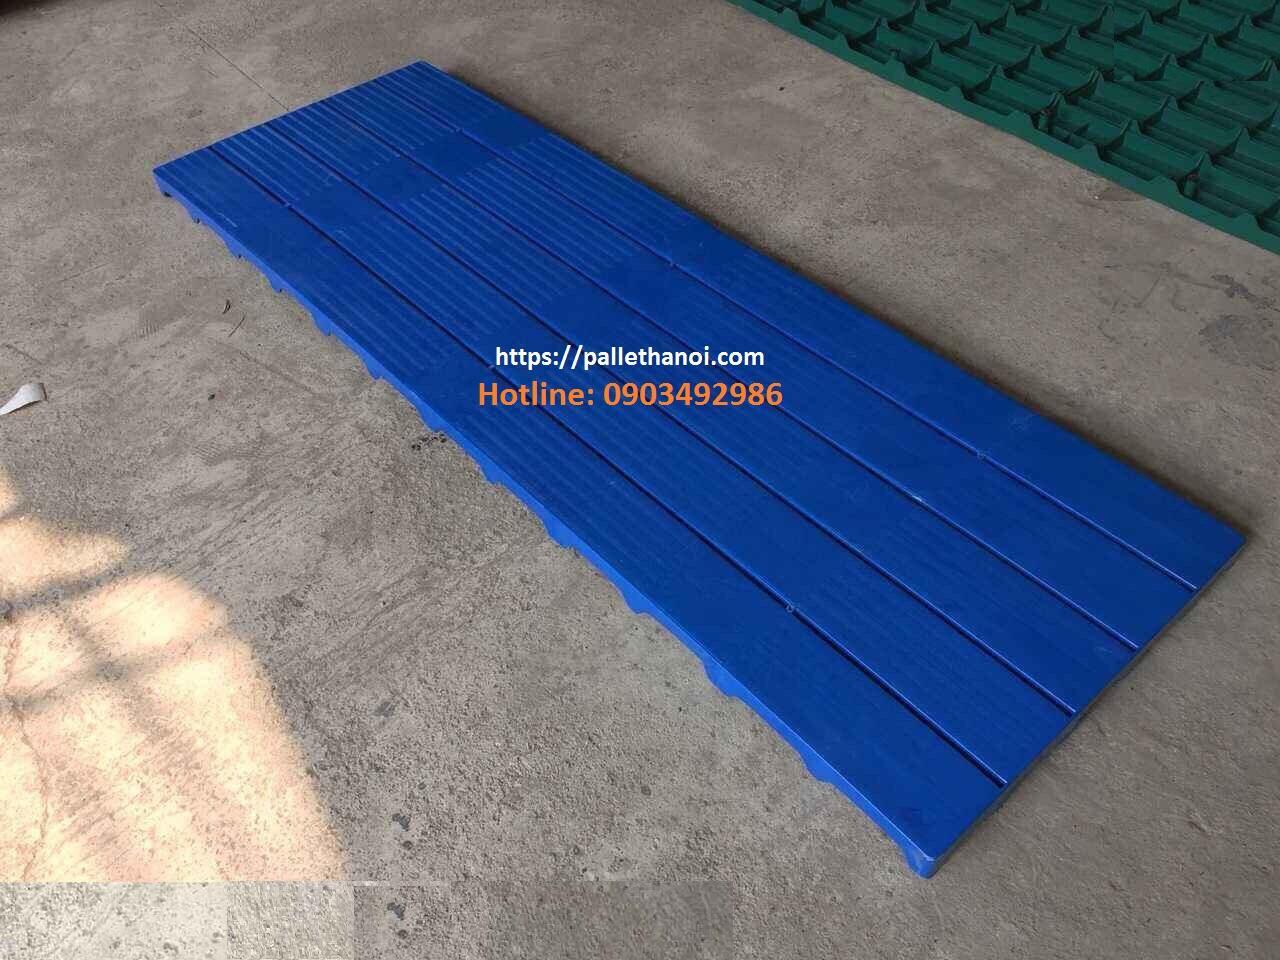 pallet nhựa lót sàn xanh dương